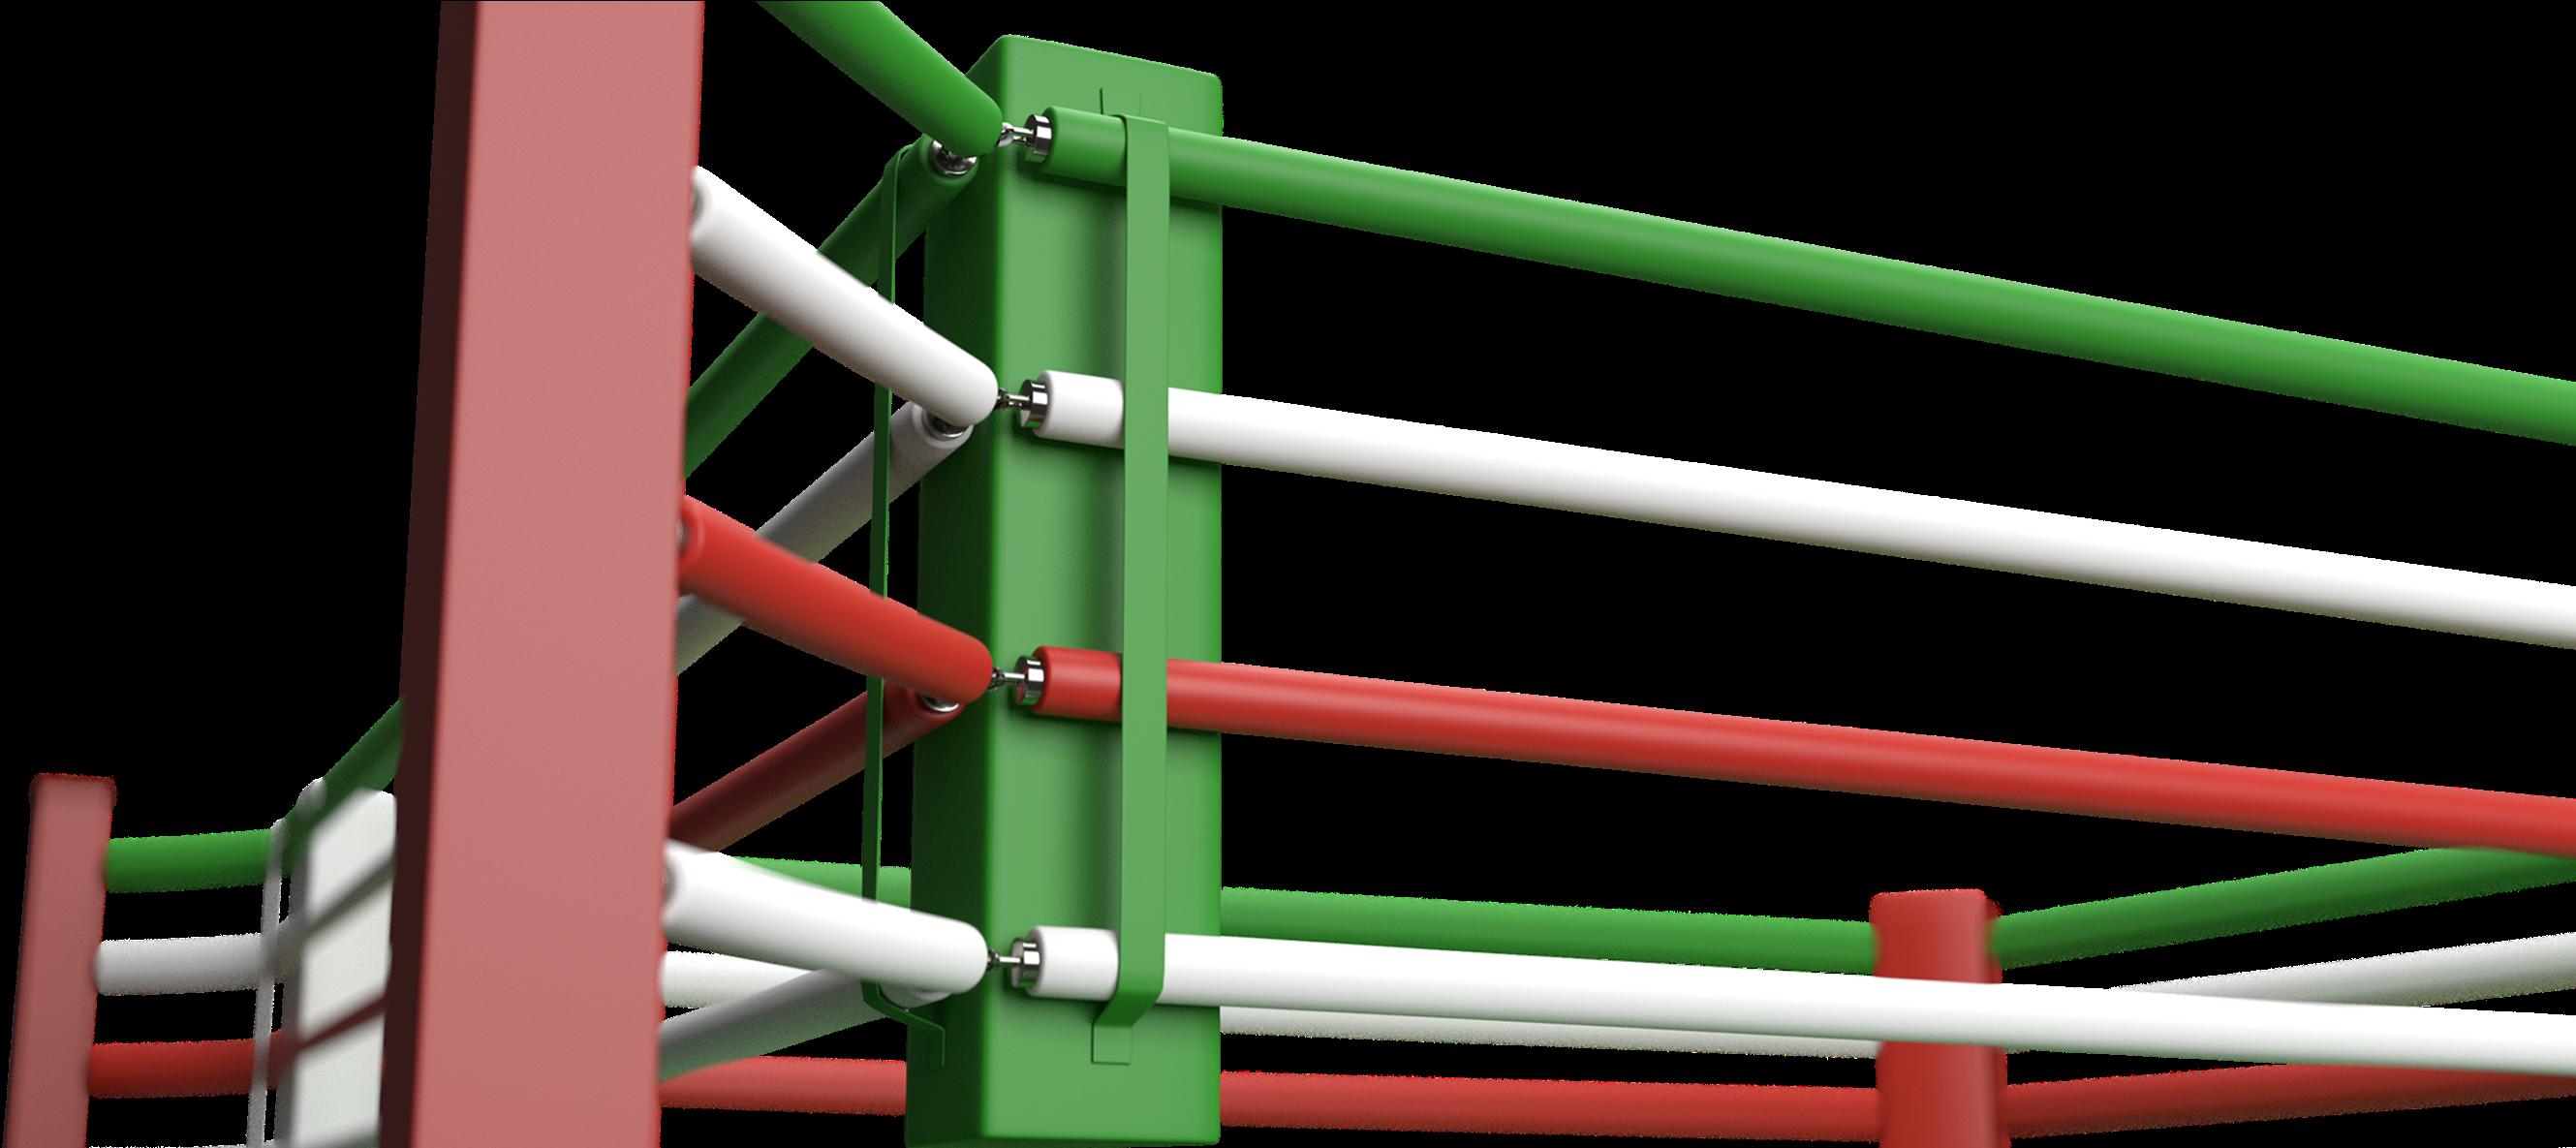 Boxing Ring Ropes Png - ImageFootball